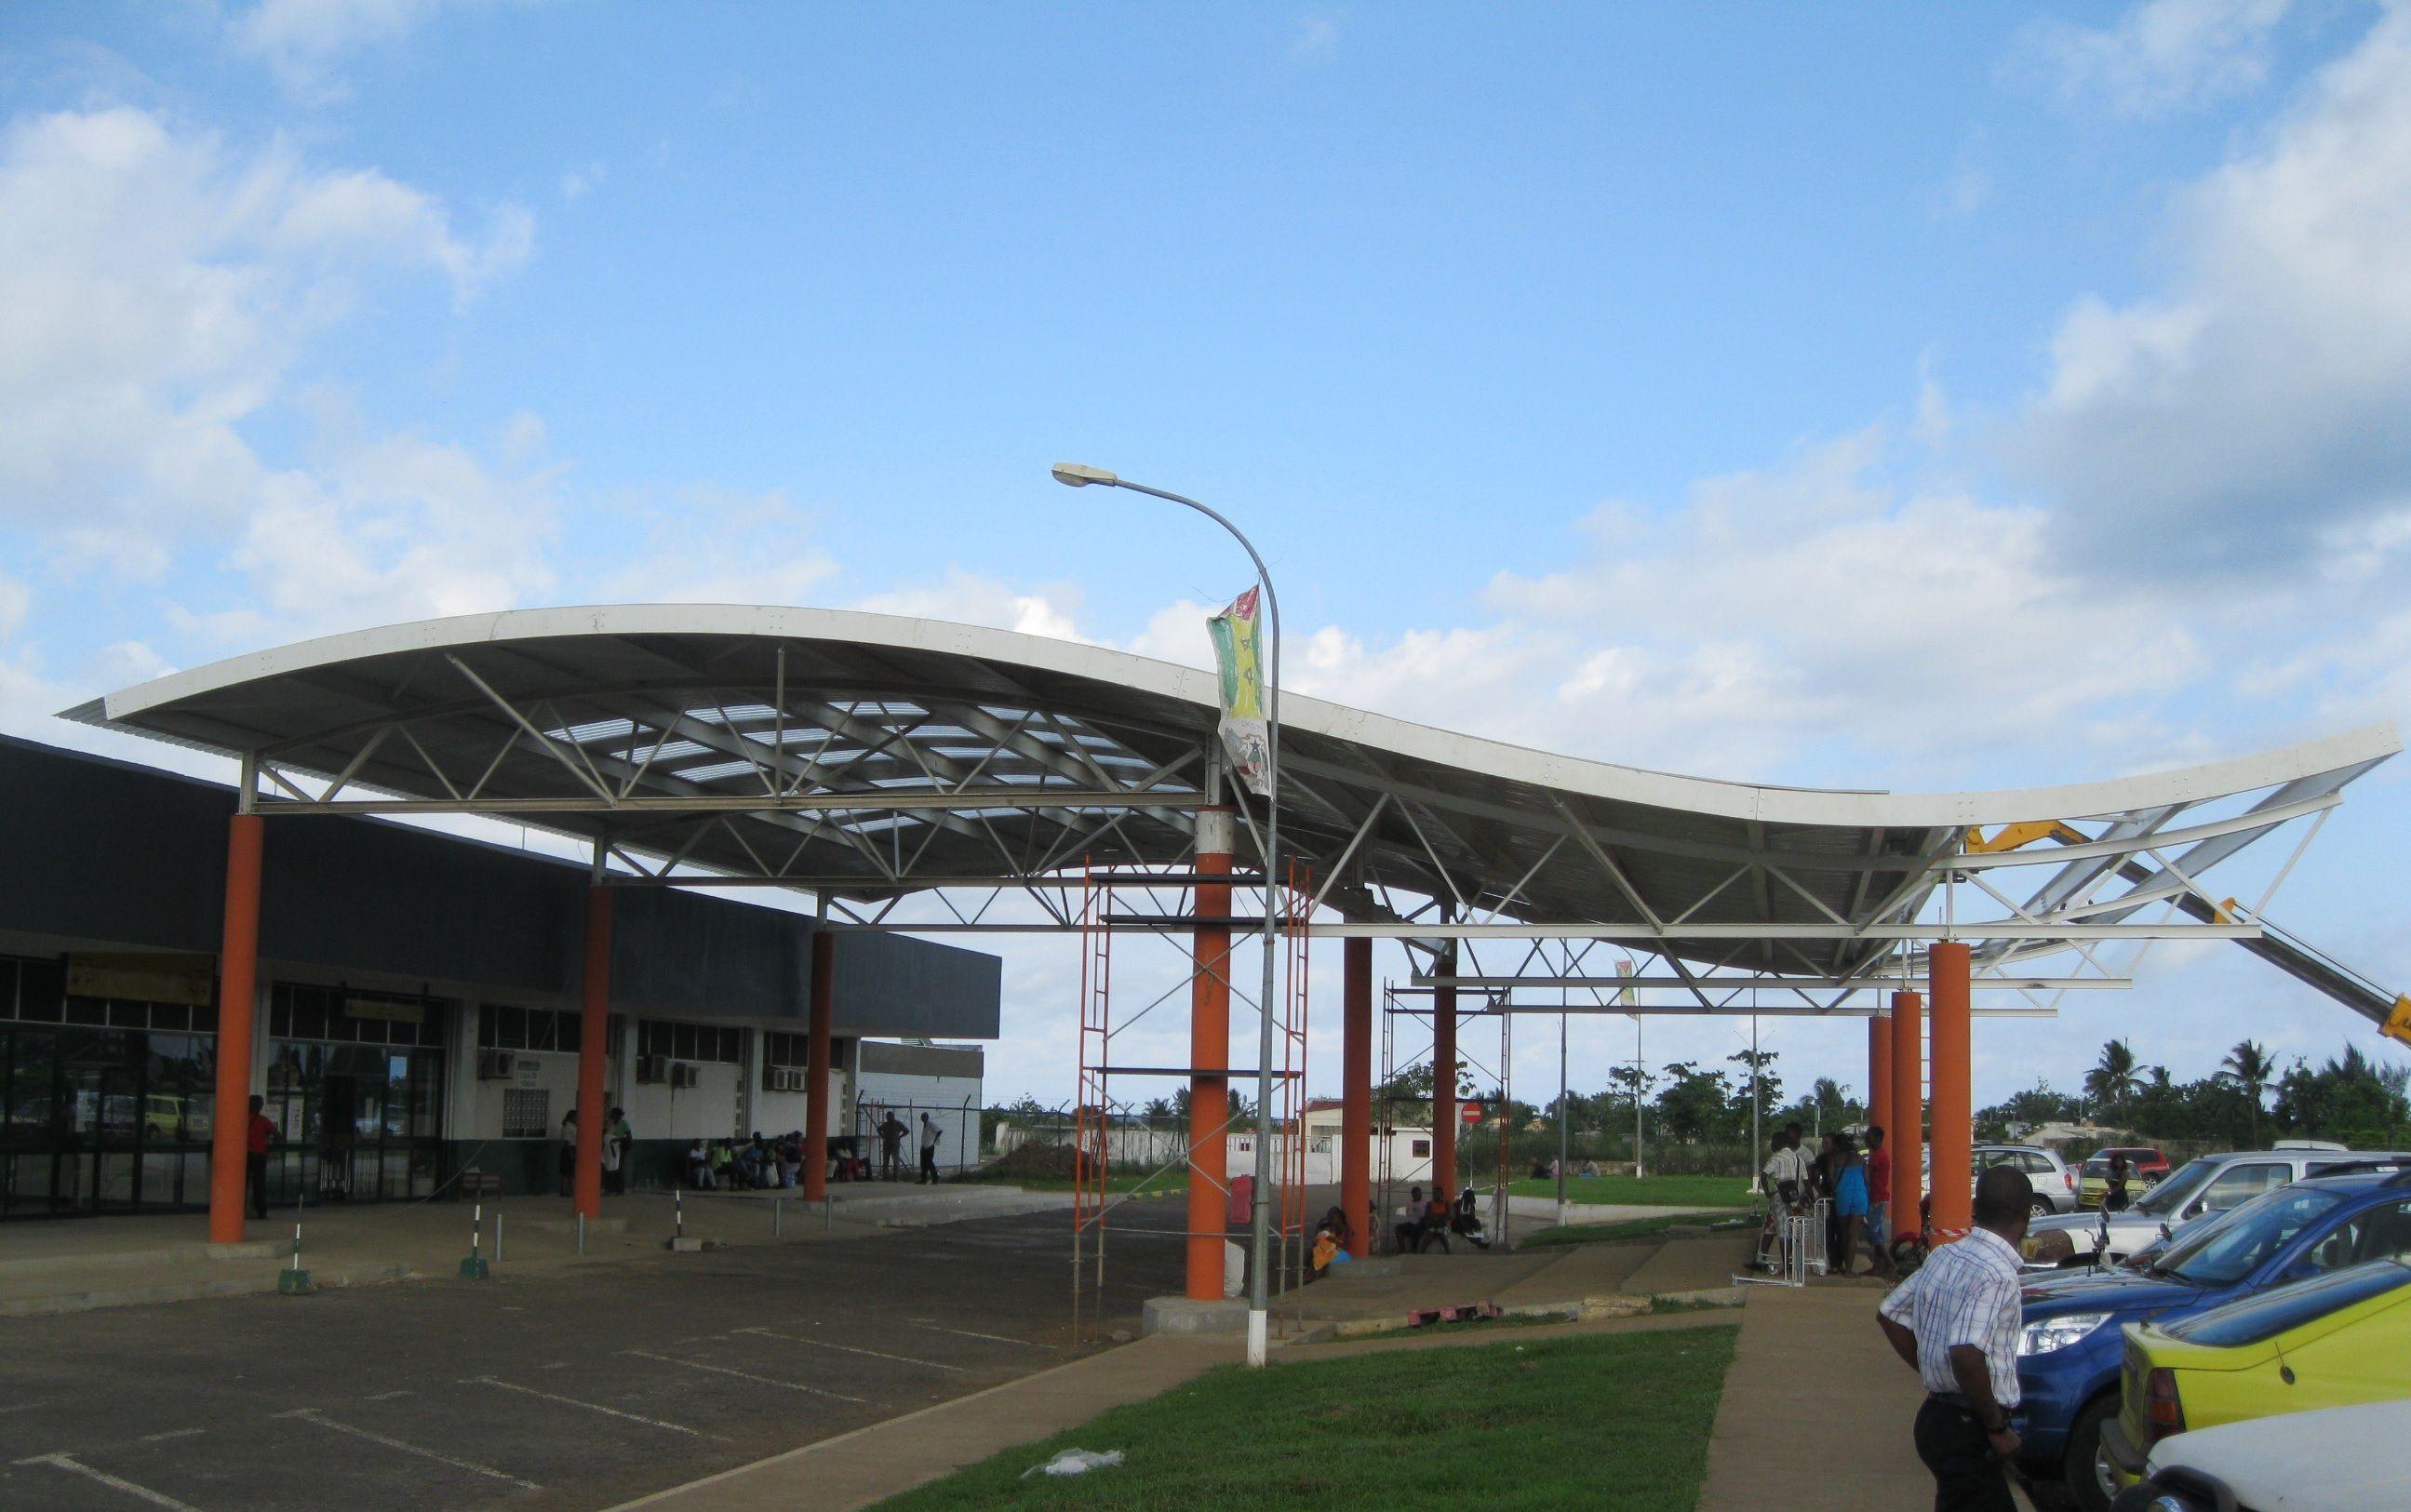 Aeroporto Comoro : Aeroporto internacional de são tomé e príncipe